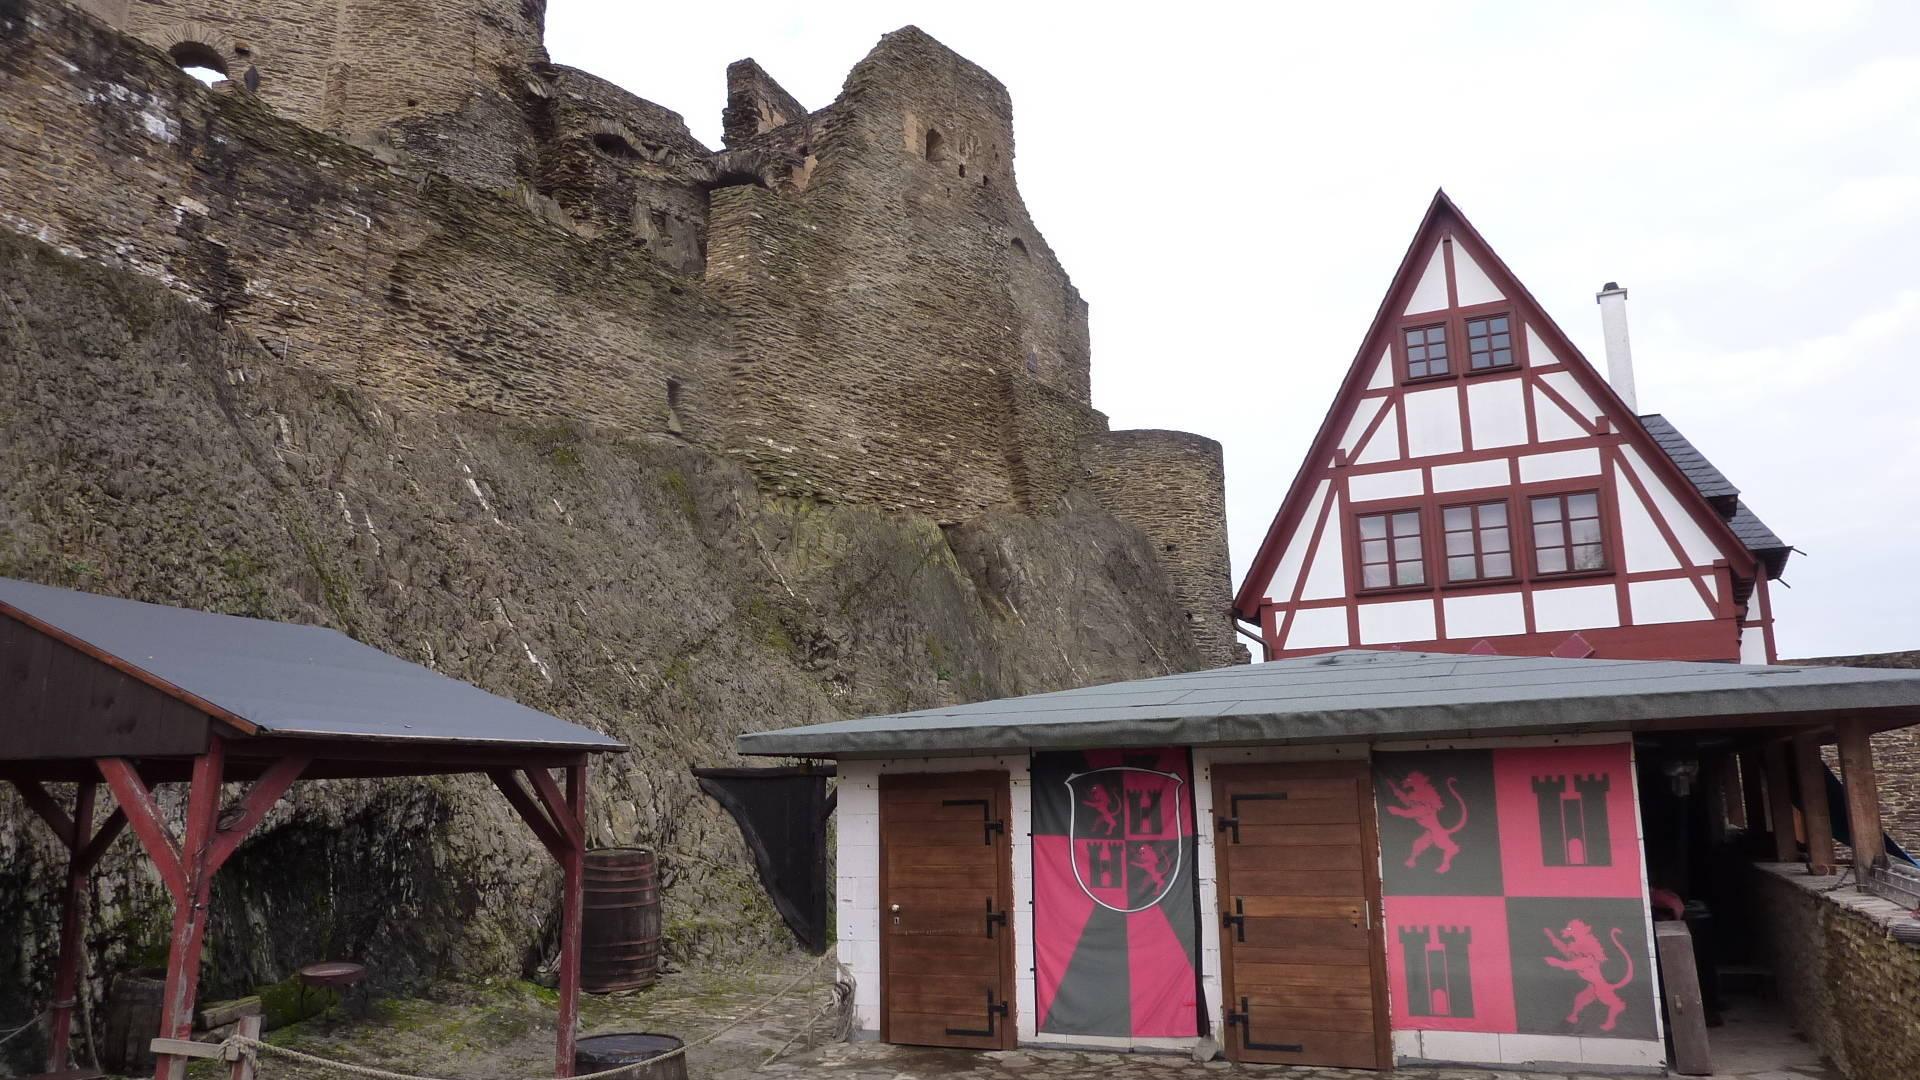 Burghotel Rheinland Pfalz